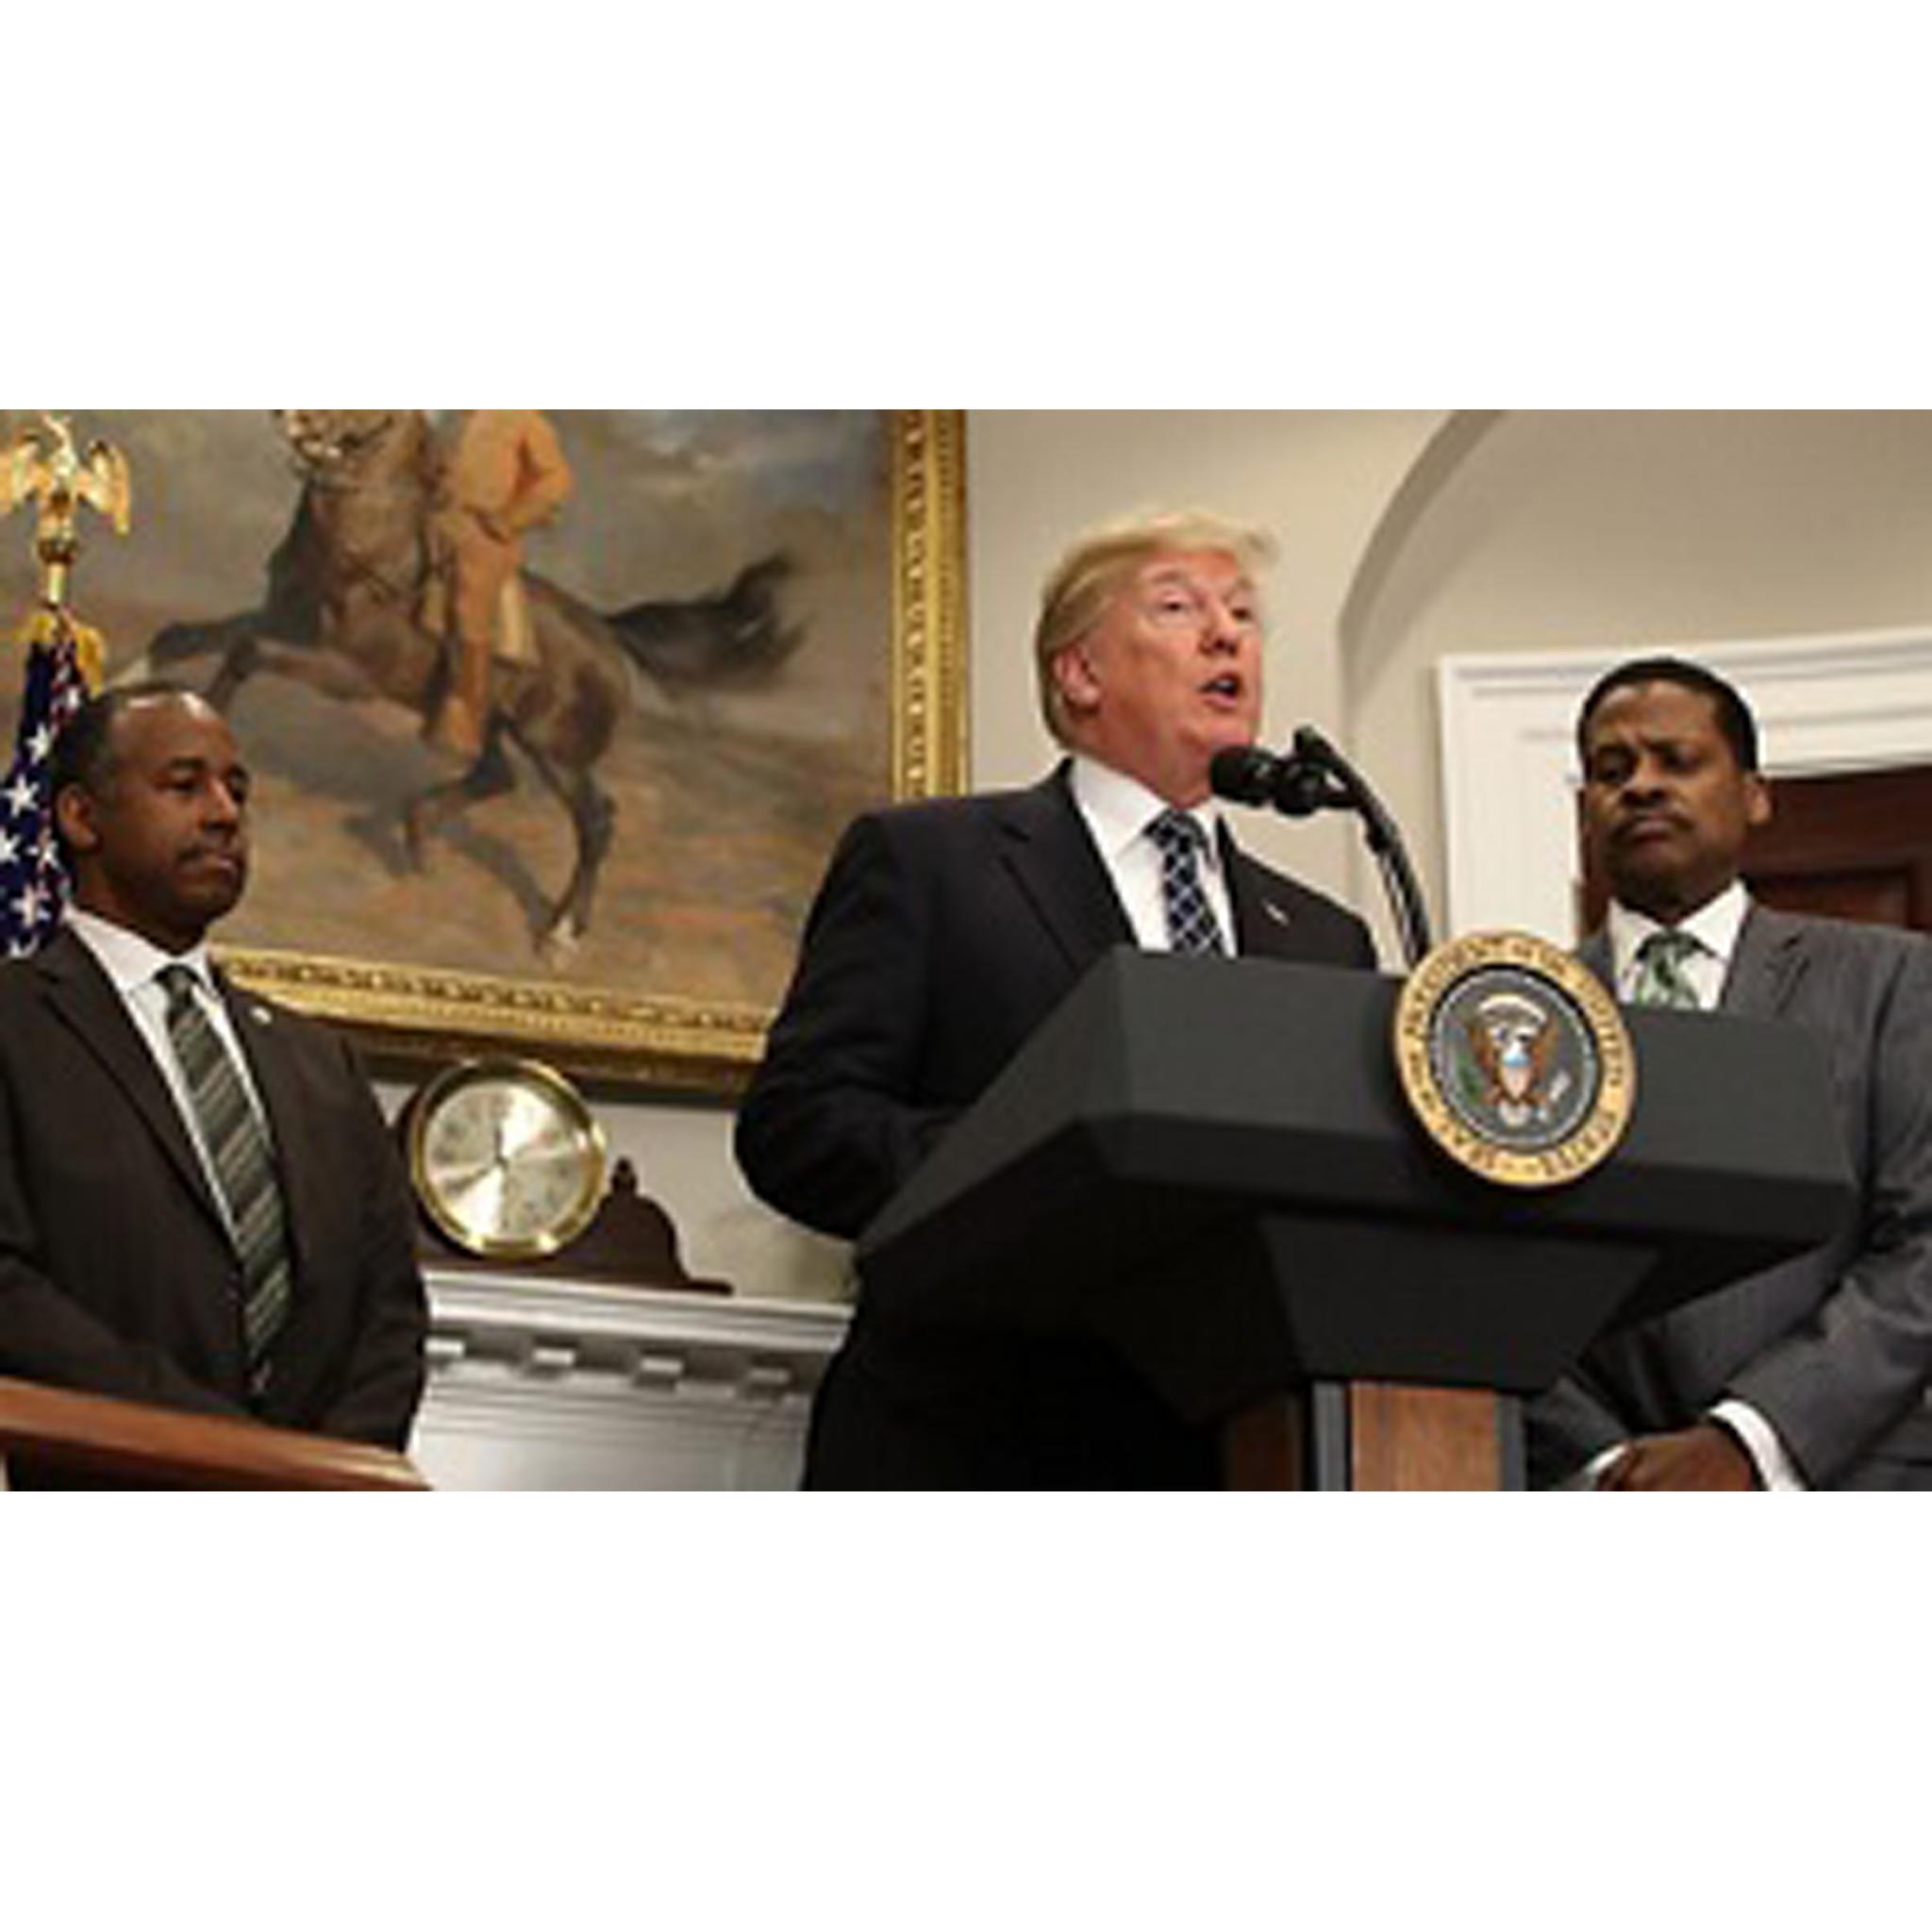 የአፍሪካ ህብረት ትራምፕ የአፍሪካ አገራትን ለገለፁበት ዘረኛና ፀያፍ አነጋገር ይቅርታ እንዲጠይቁ ይፈልጋል - Donald Trump Must Apologise for